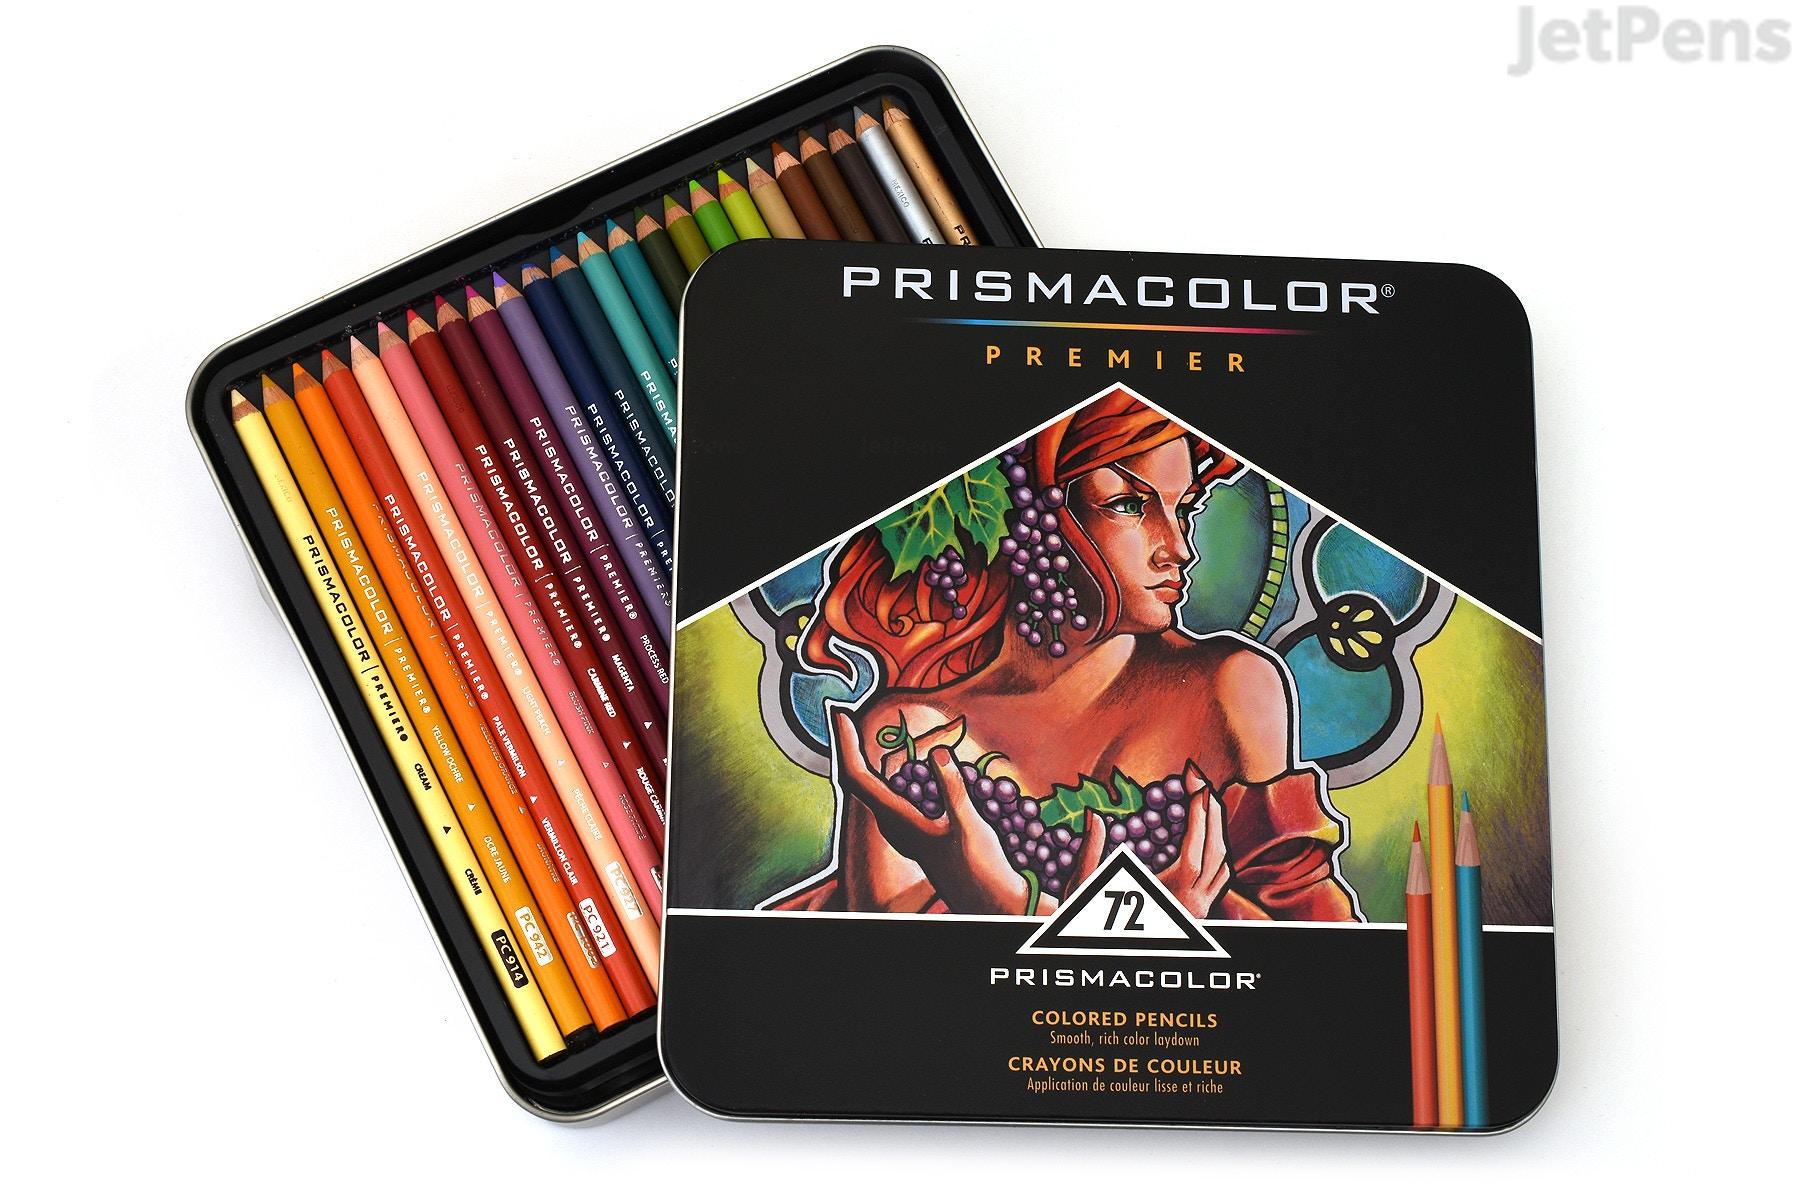 Prismacolor Premier Colored Pencil 72 Color Tin Set Jetpens